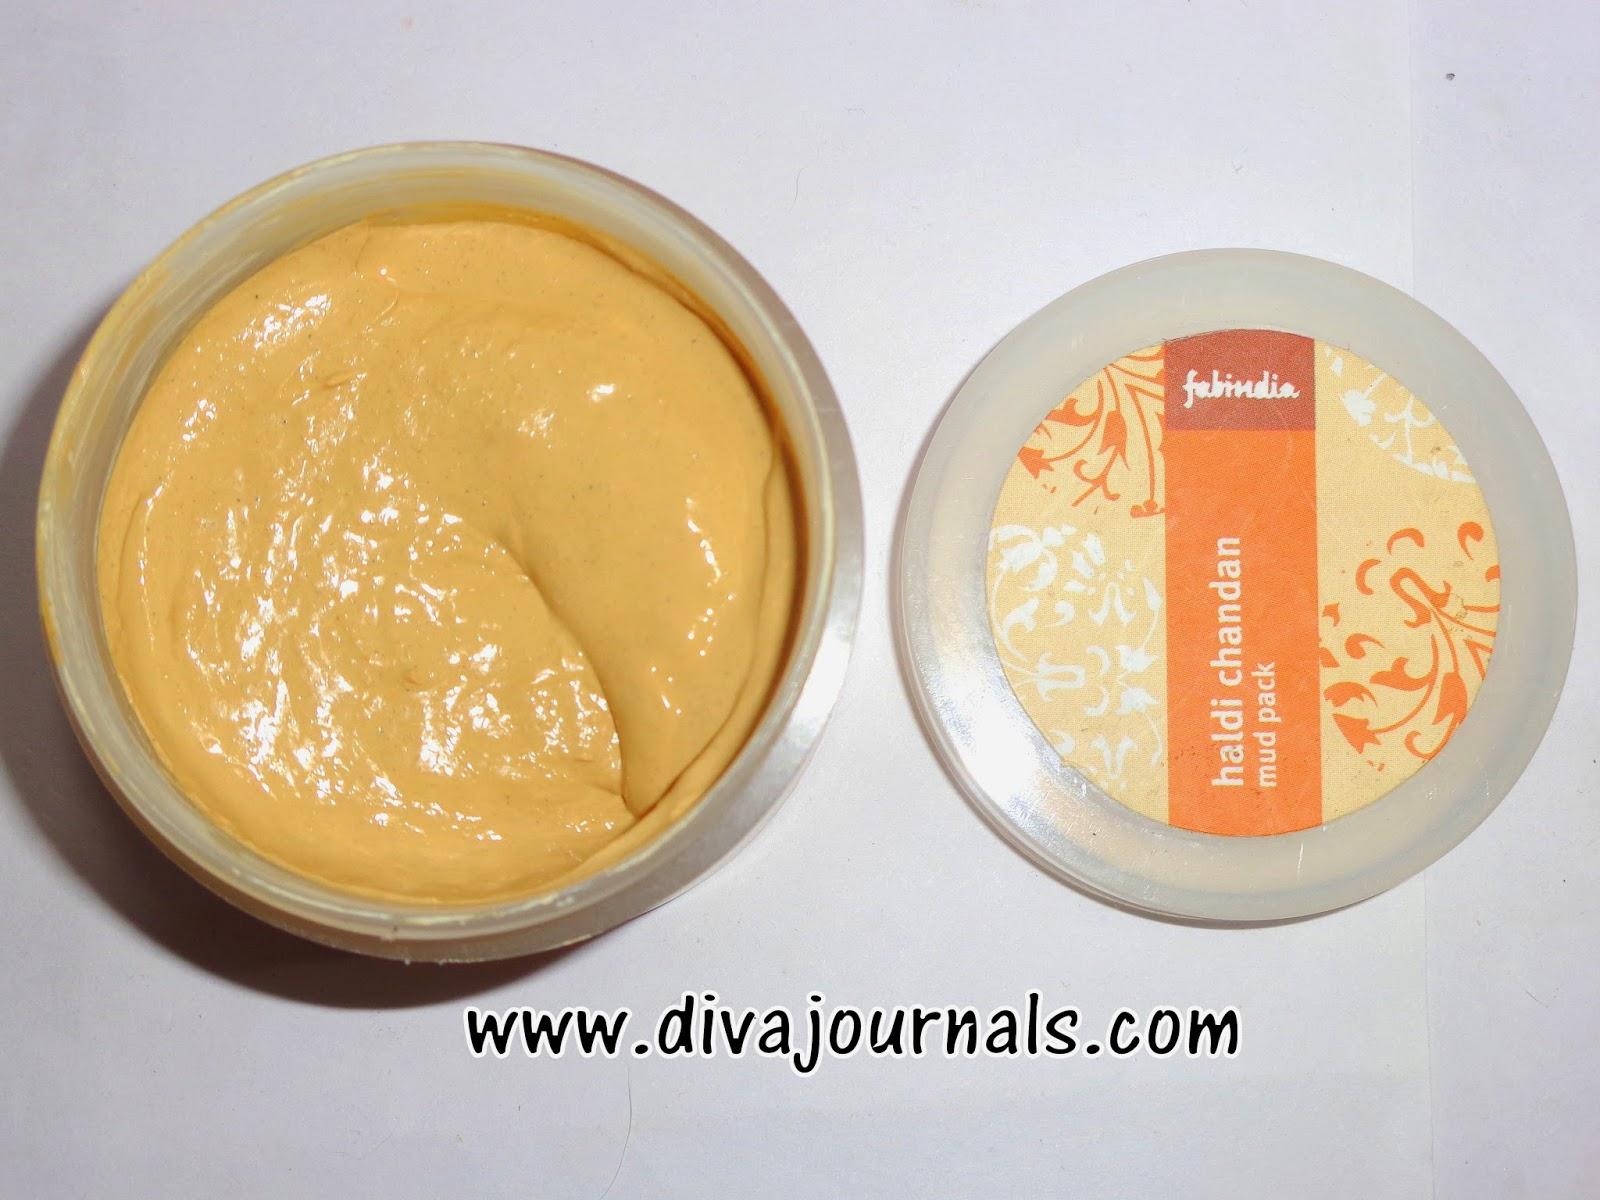 Fabindia Haldi Chandan Mud Pack